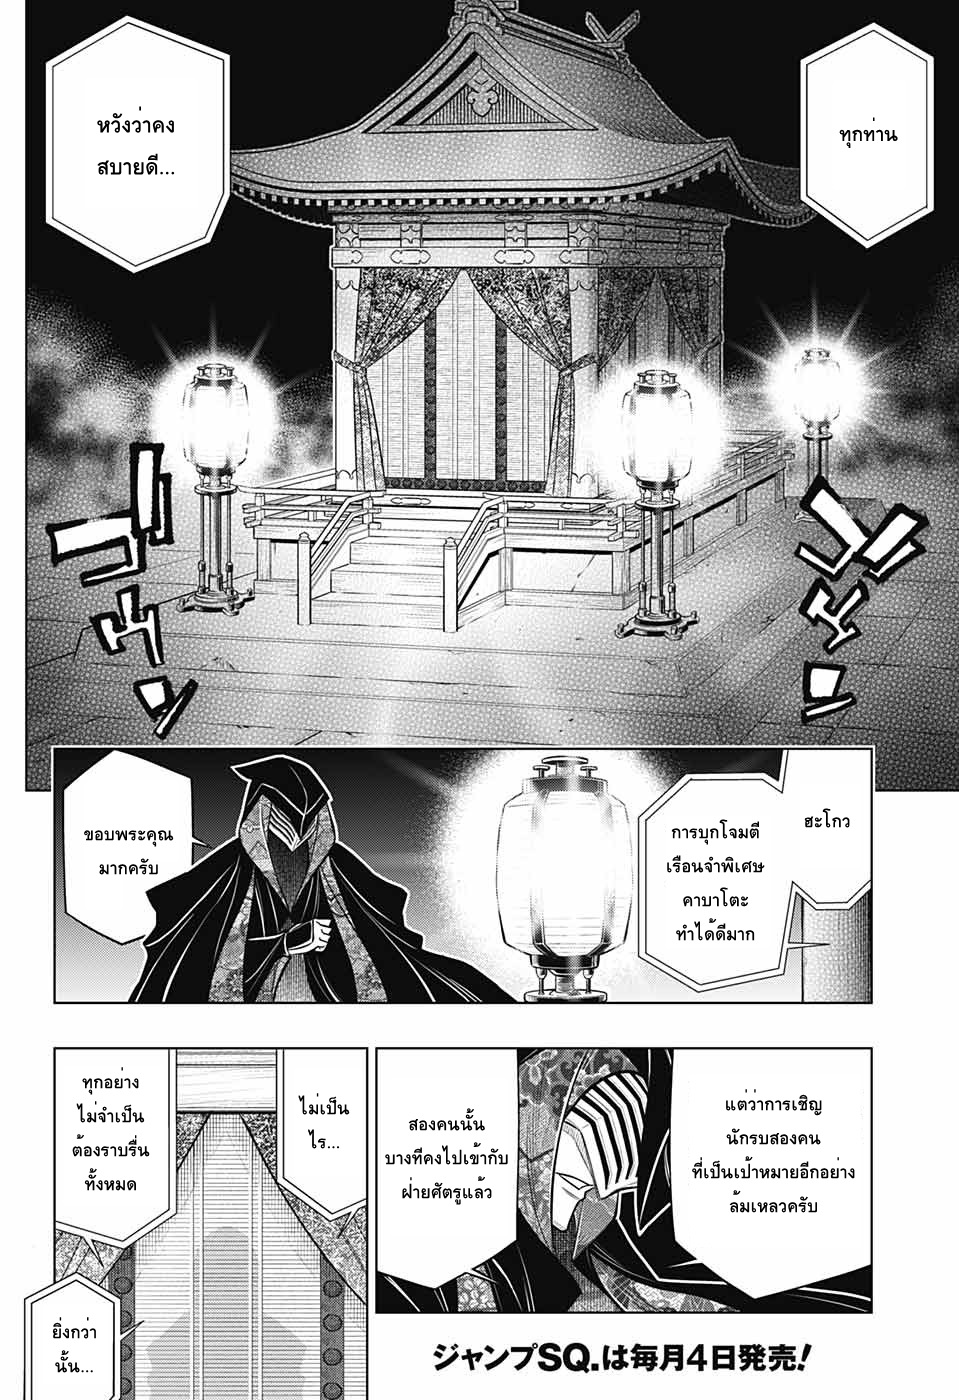 อ่านการ์ตูน Rurouni Kenshin: Hokkaido Arc ตอนที่ 15 หน้าที่ 3